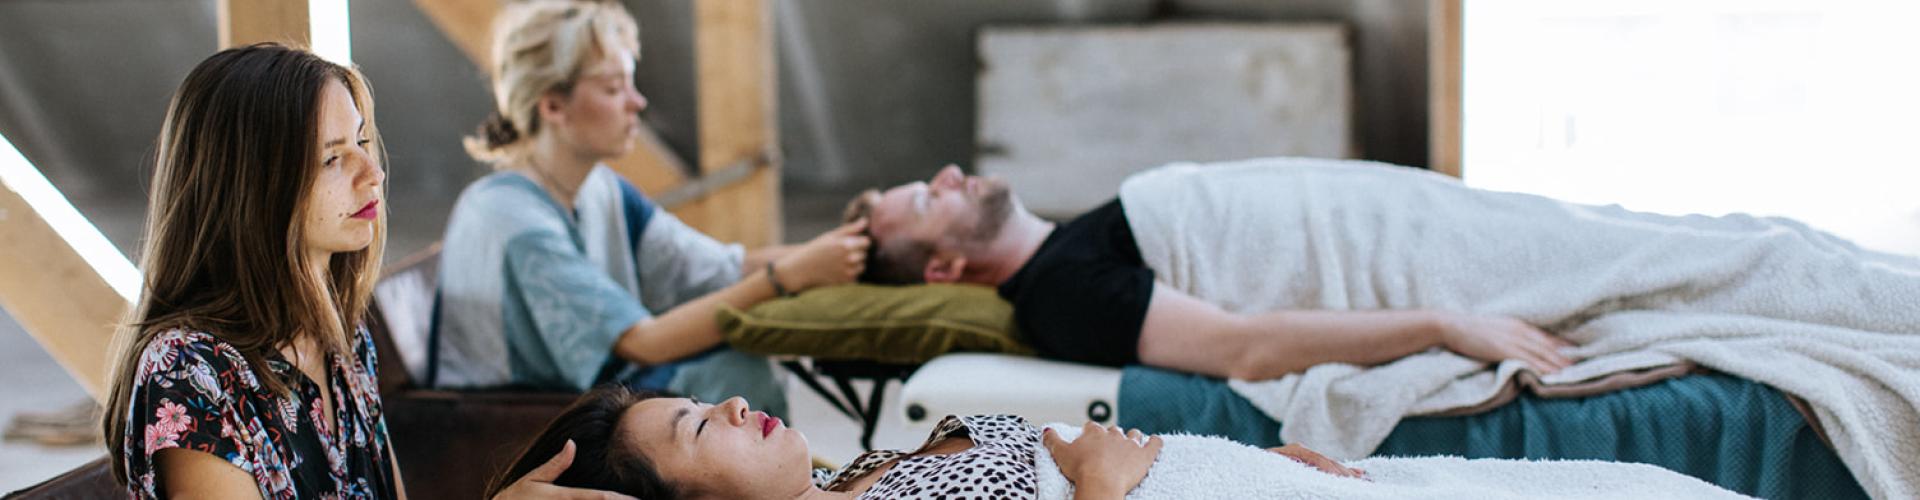 mediteren access bars zen worden yoga amsterdam meditatie bewustzijn access consciousness